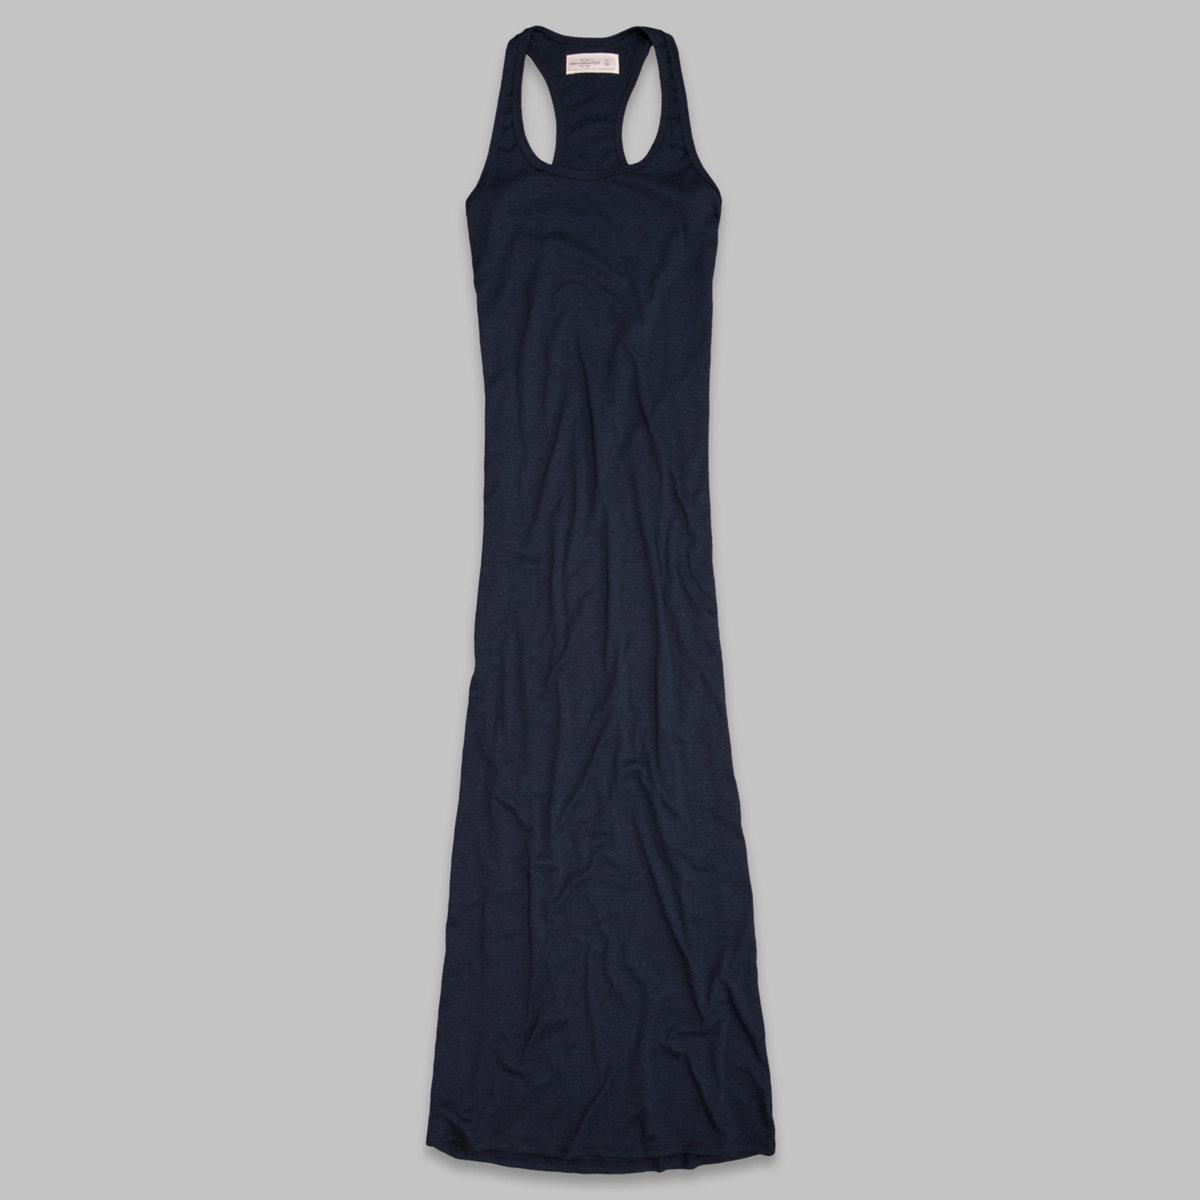 Heather Knit Maxi Dress